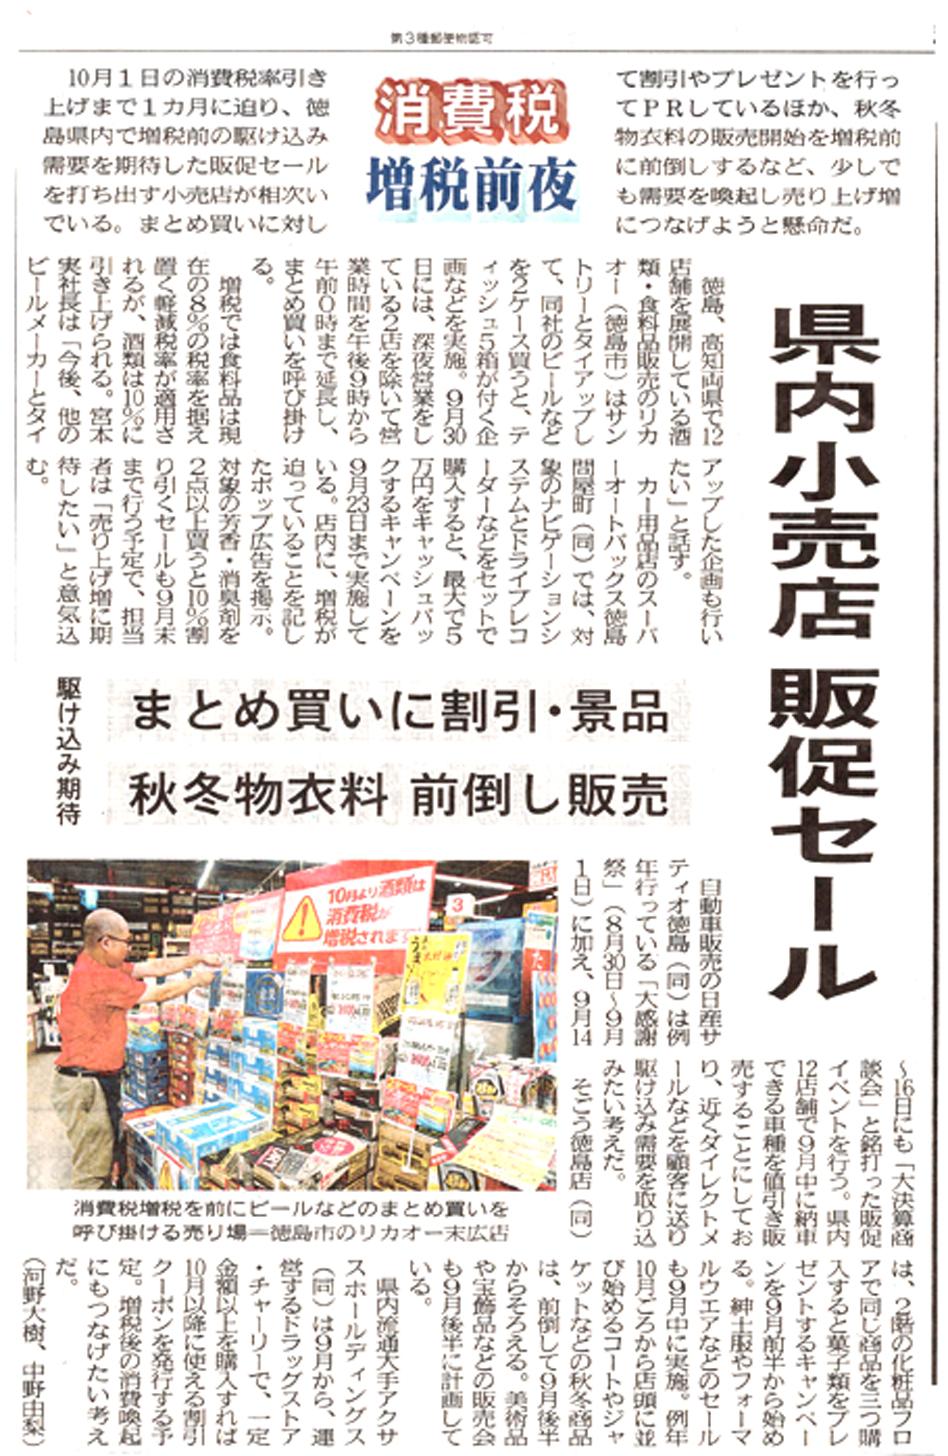 酒類は9月30日までにまとめ買い。8月31日徳島新聞掲載